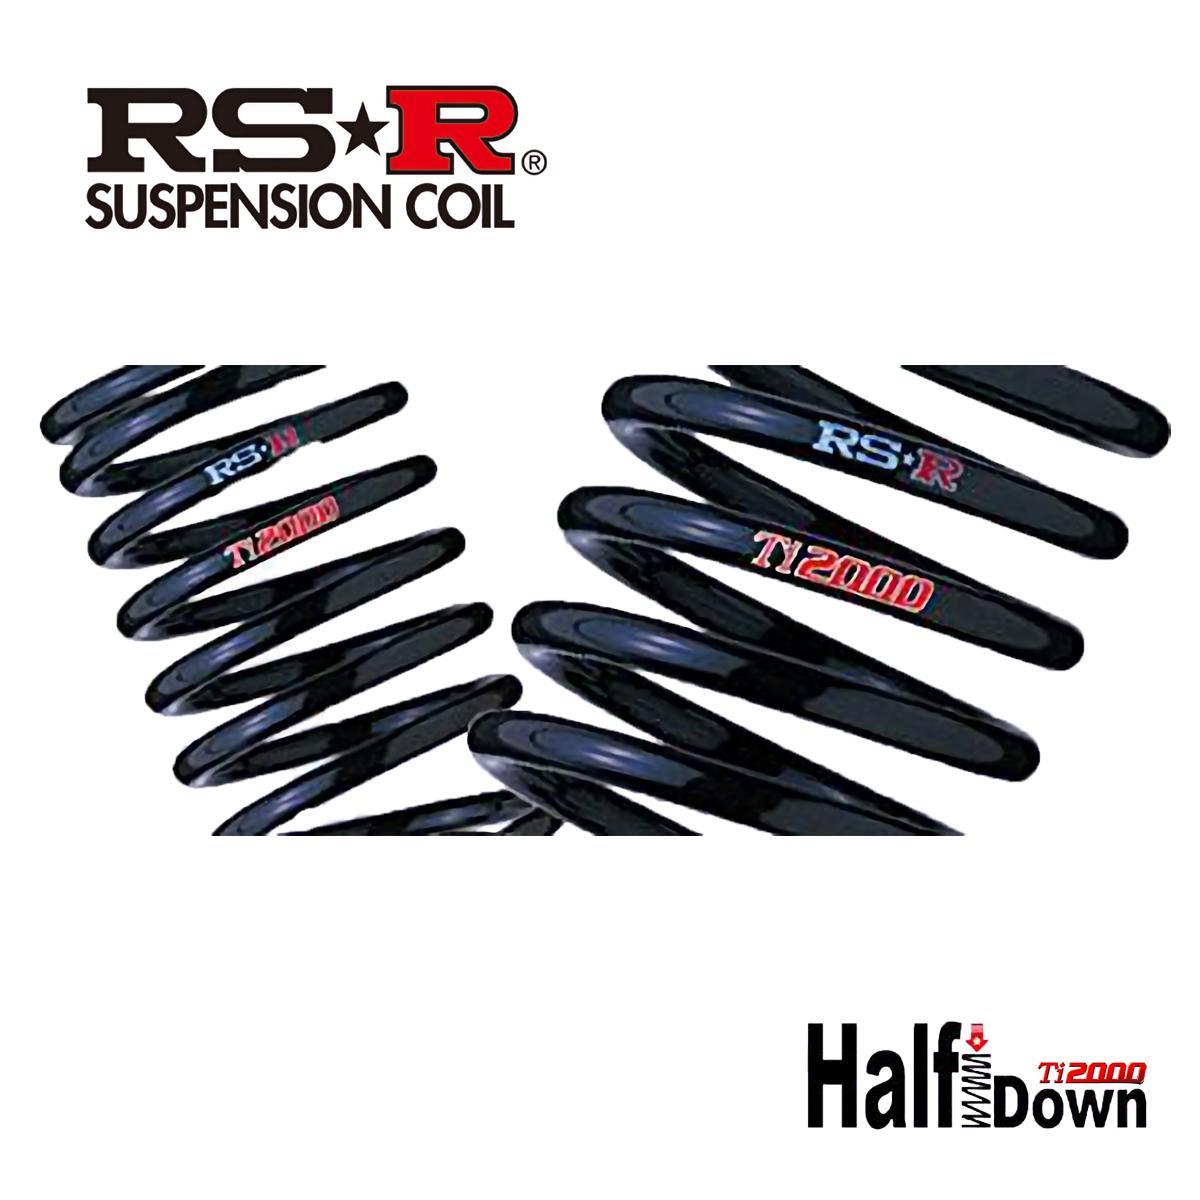 RS-R プリウス ZVW50 ダウンサス スプリング フロントのみ T580THDF Ti2000 ハーフダウン RSR 個人宅発送追金有